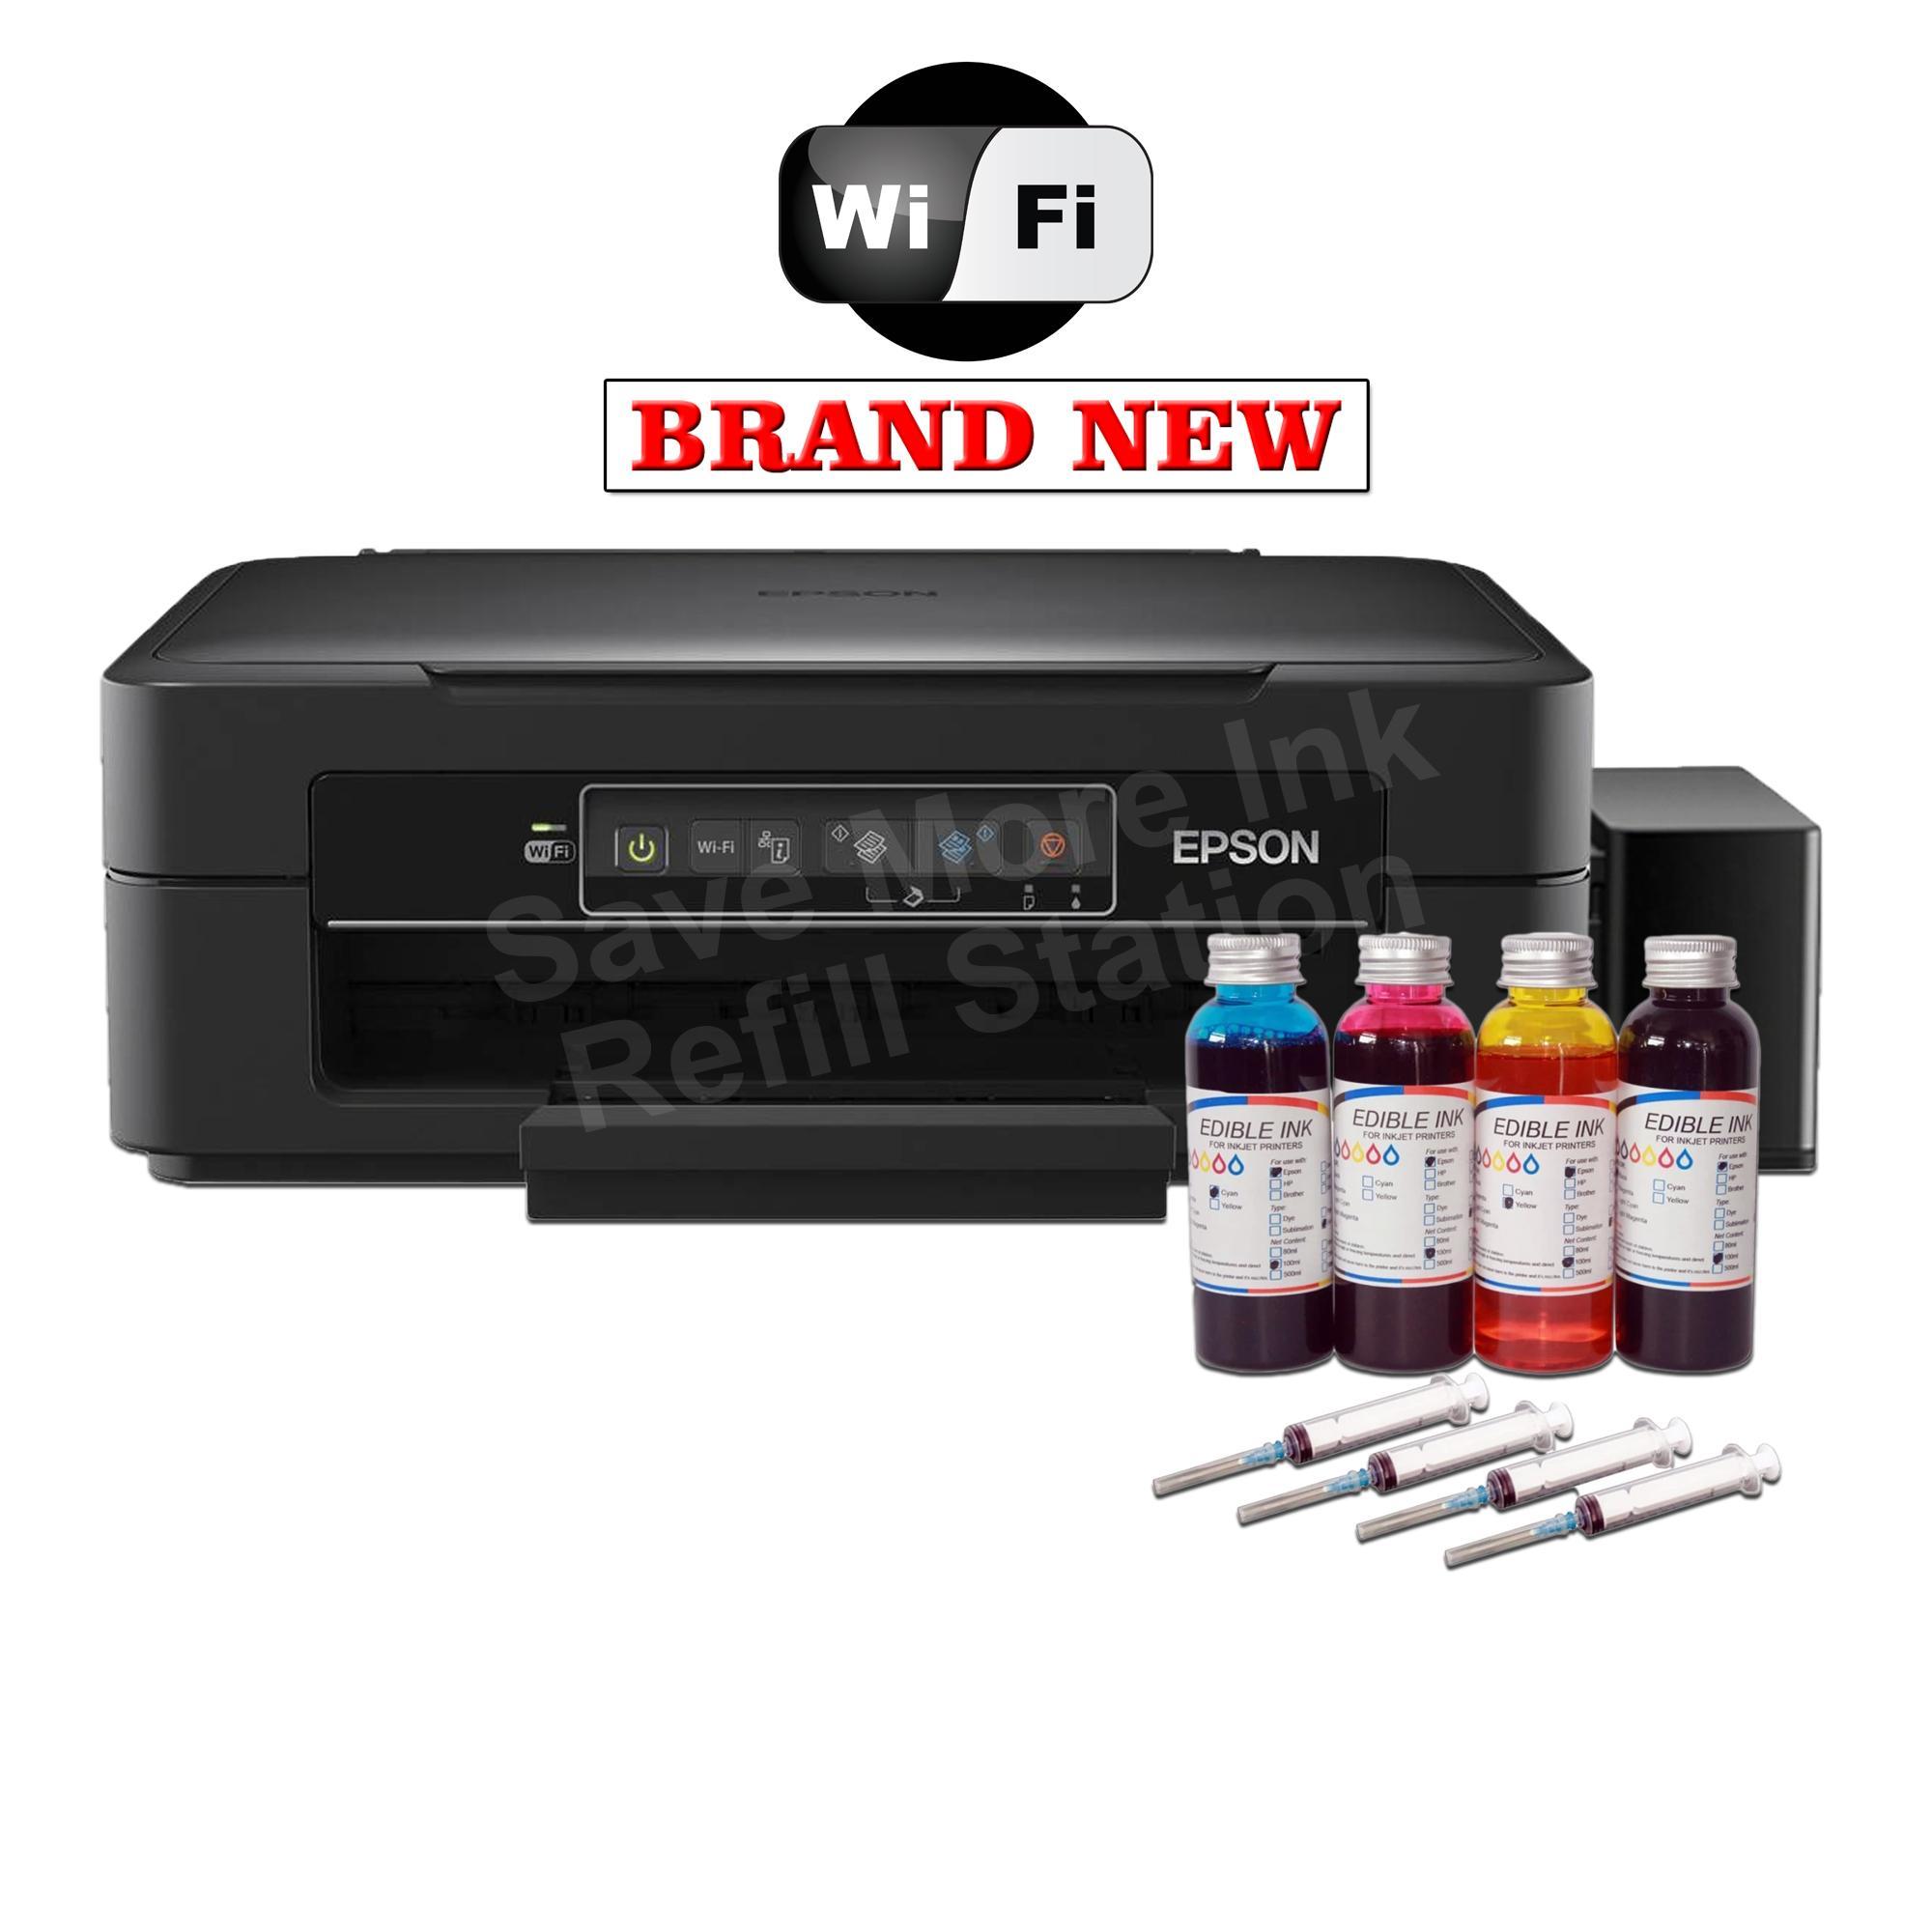 Elite Premium Japan Pigment Ink for Epson 100ml 2 Bottles (Light